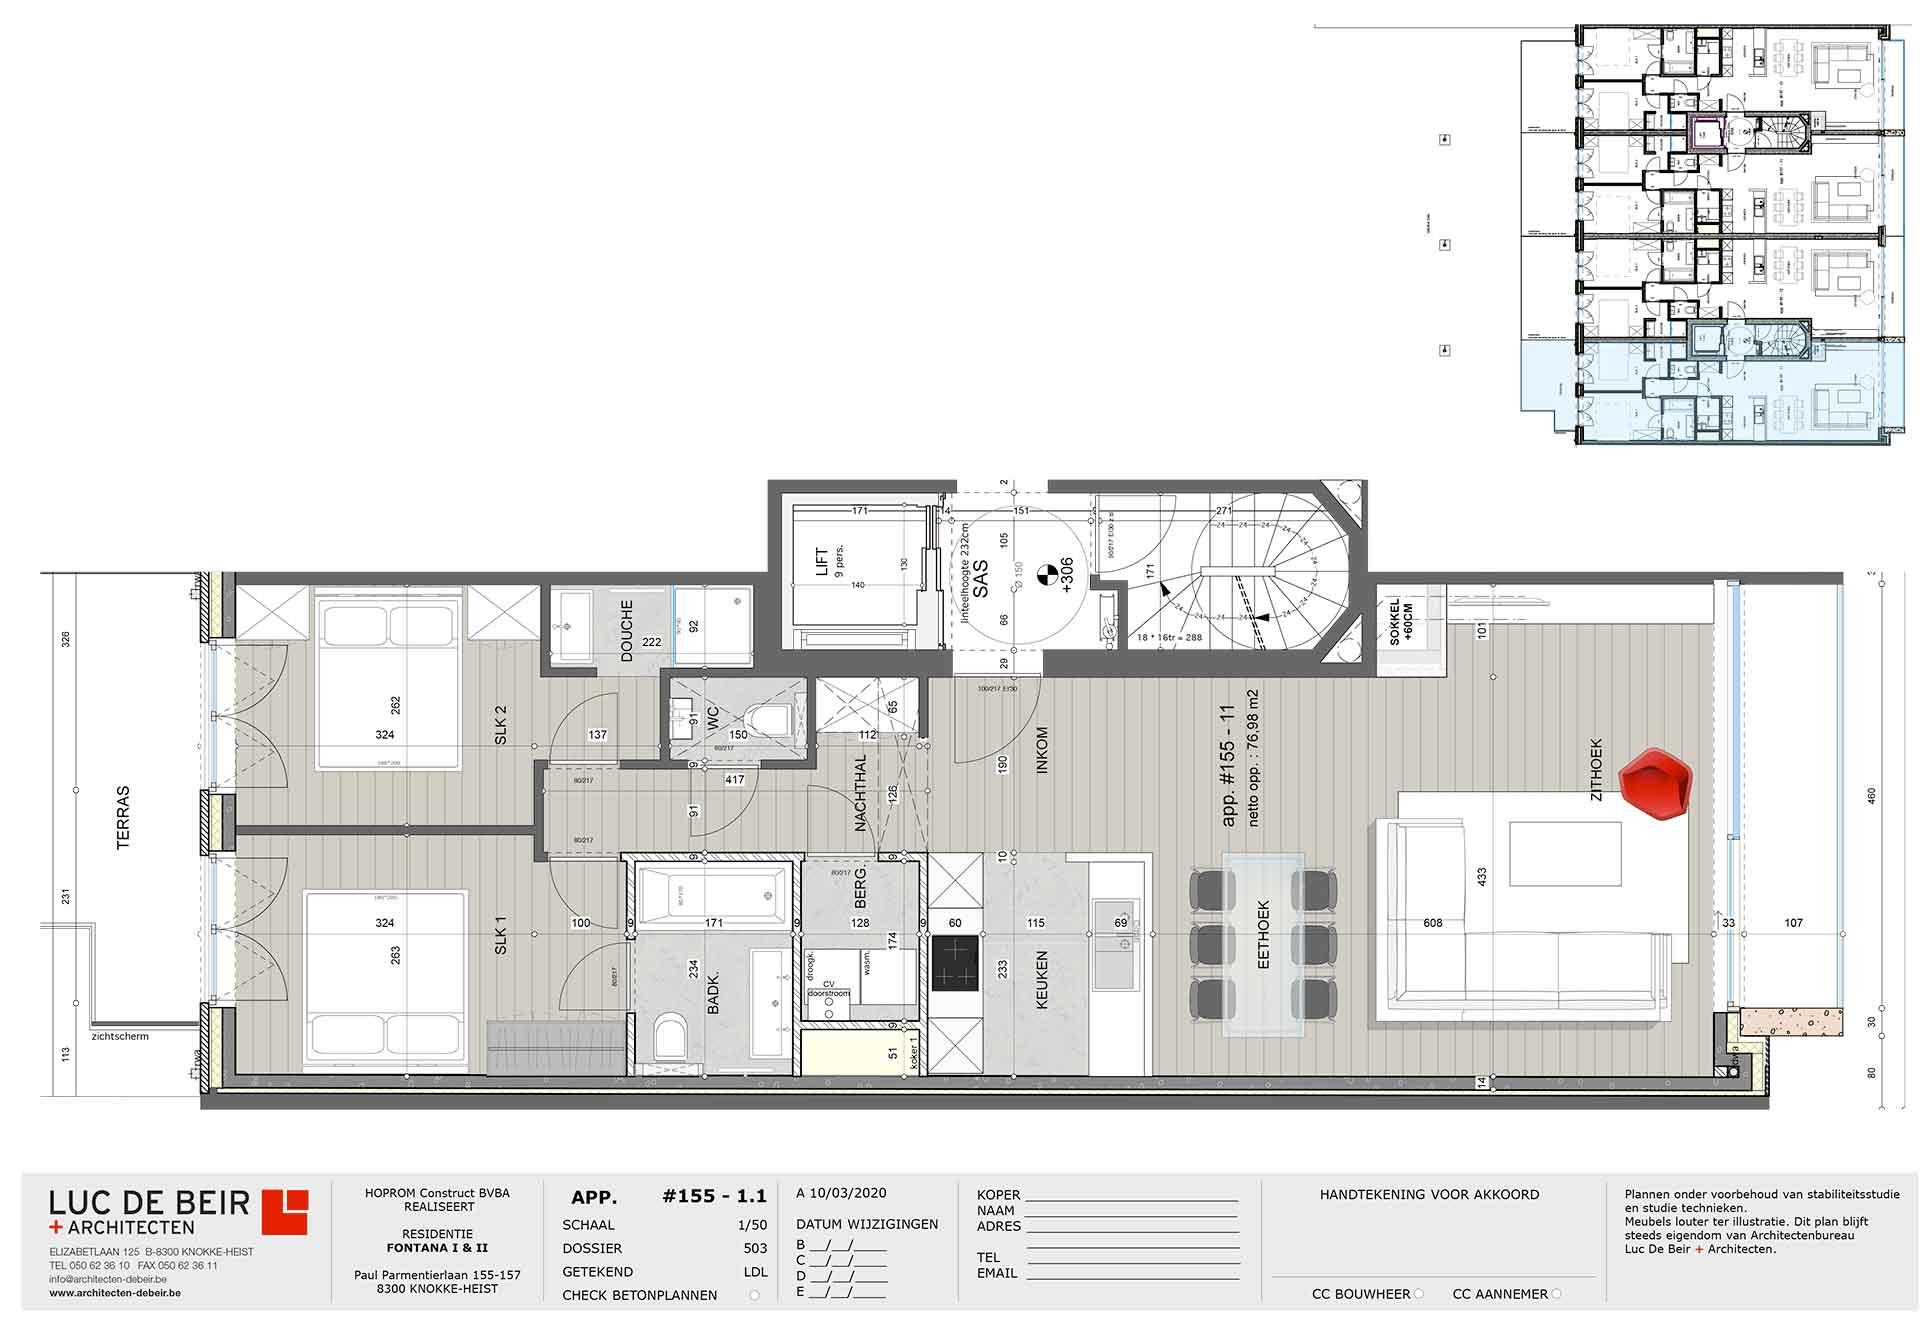 Residentie <br/> Fontana - image residentie-fontana-appartement-te-koop-knokke-plannen-155-11-2 on https://hoprom.be